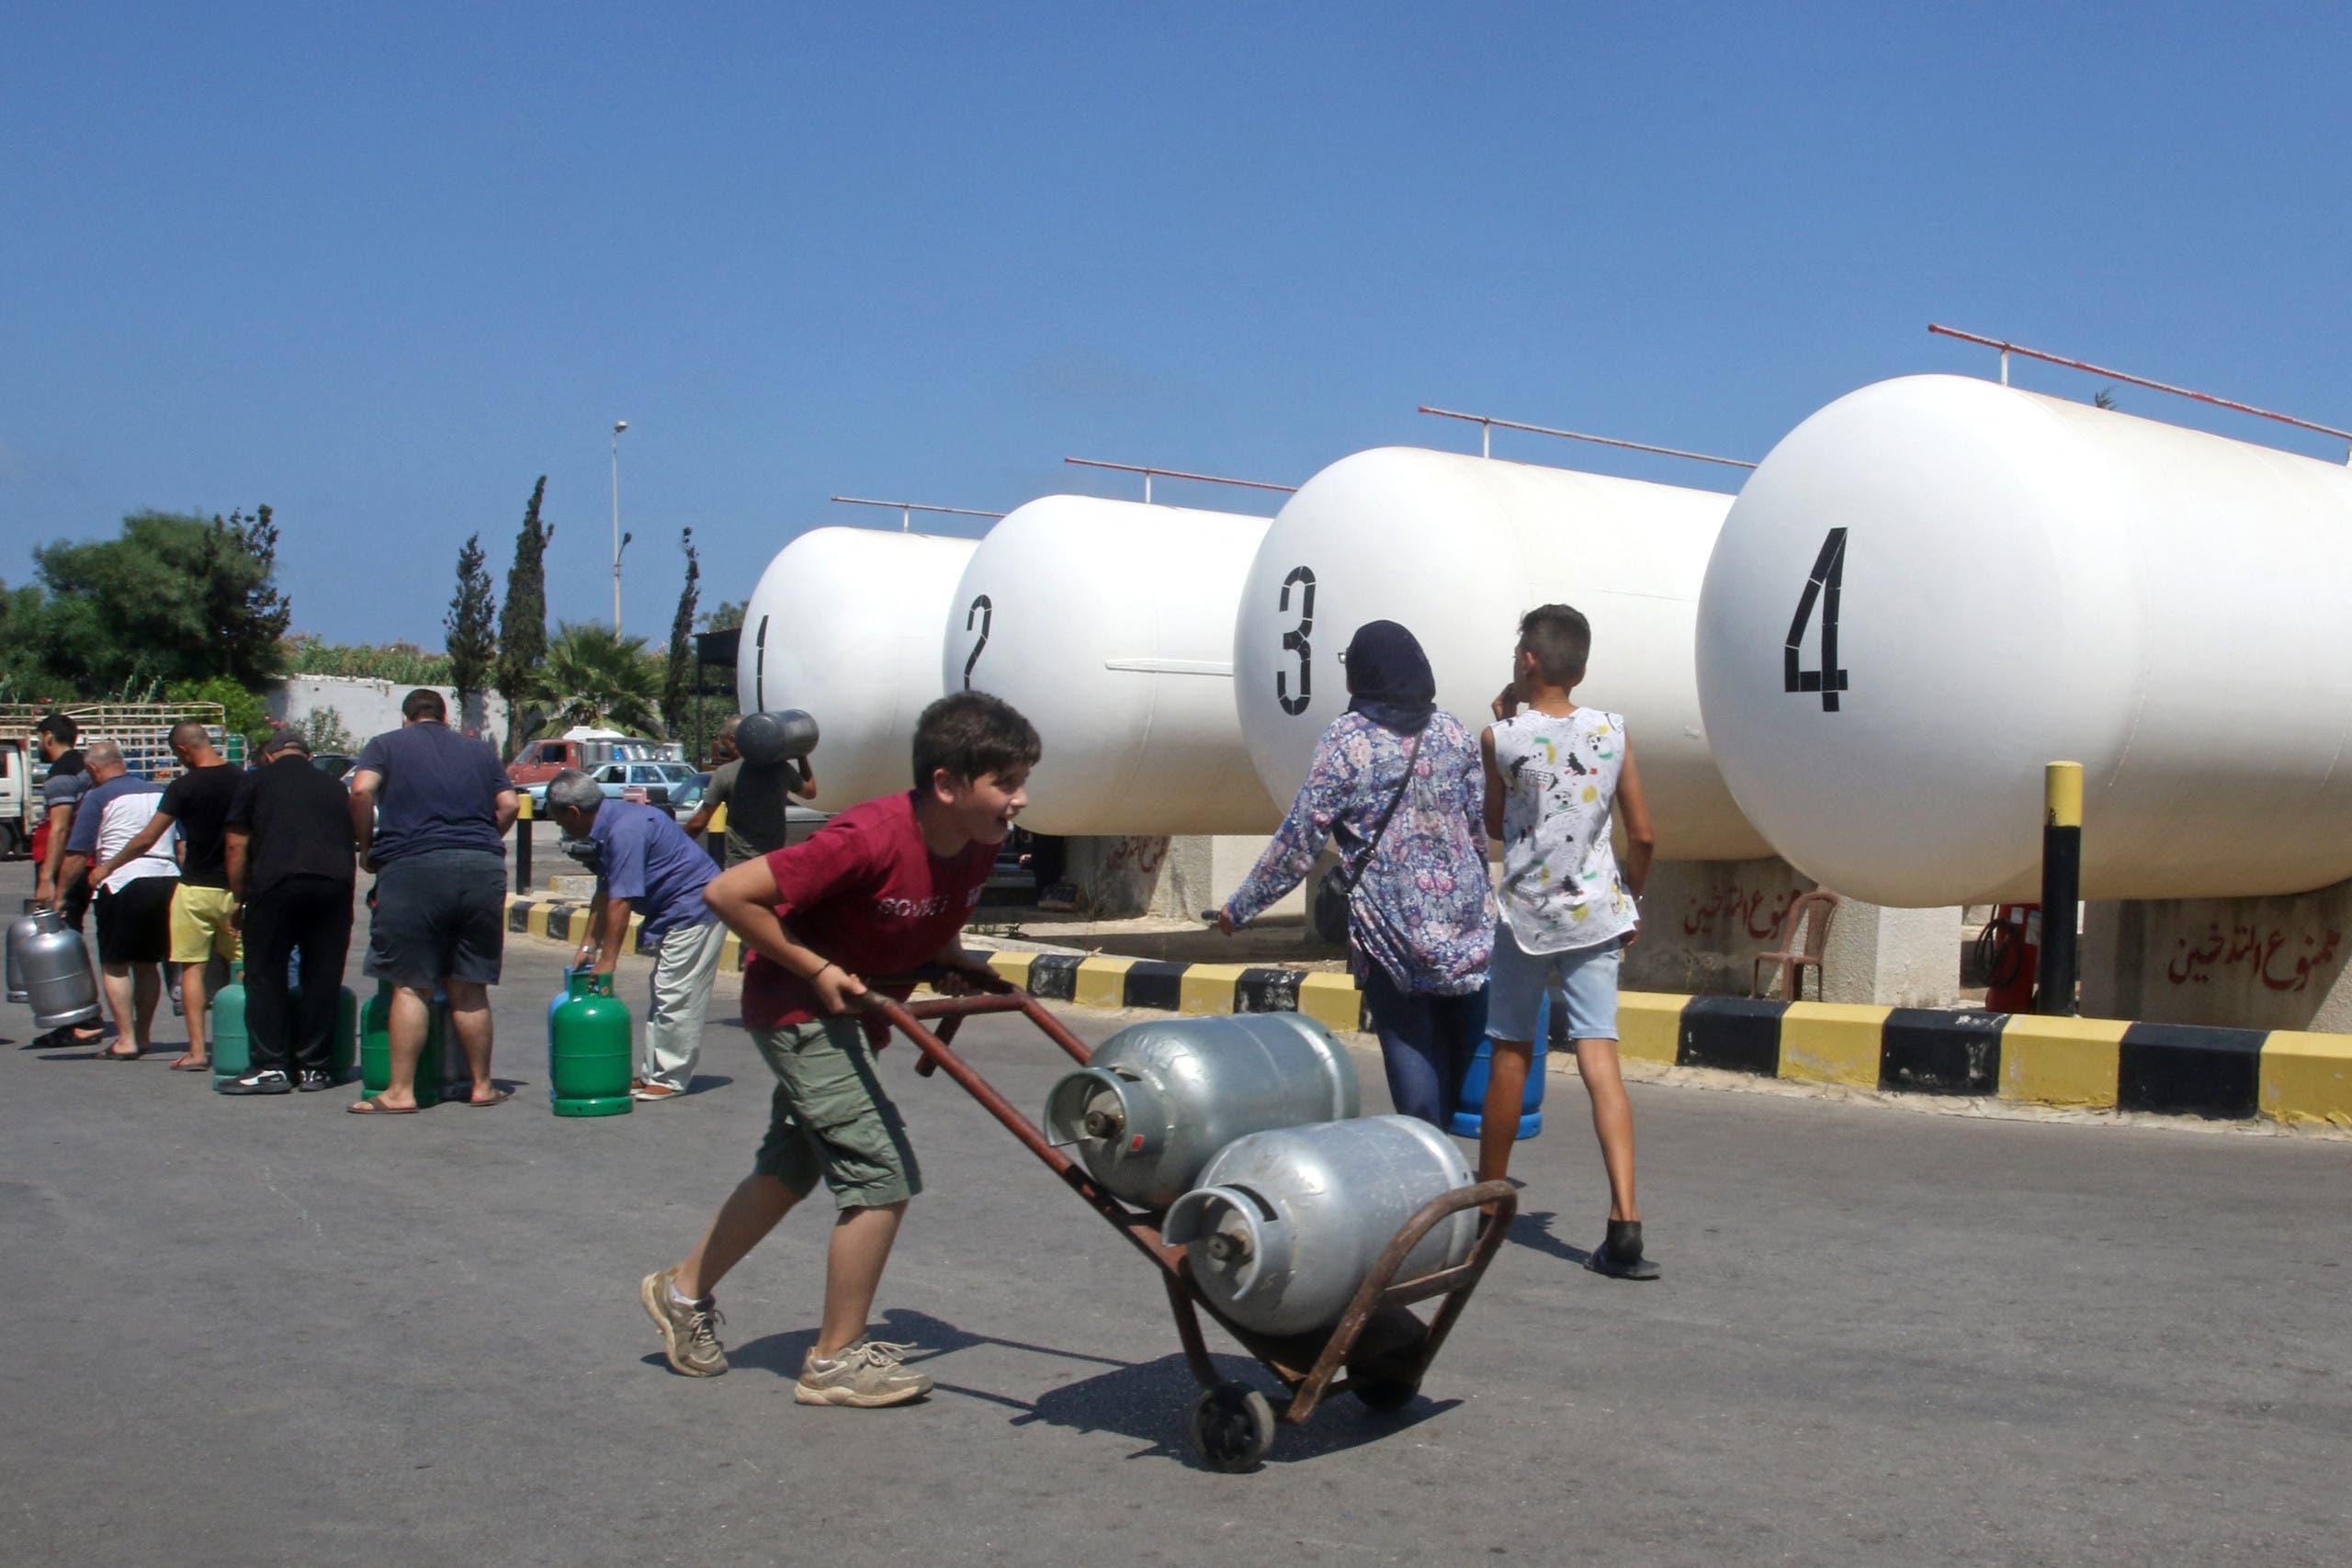 لبنانيون ينتظرون ملء اسطوانات الغاز في صيدا يوم 10 أغسطس (فرانس برس)